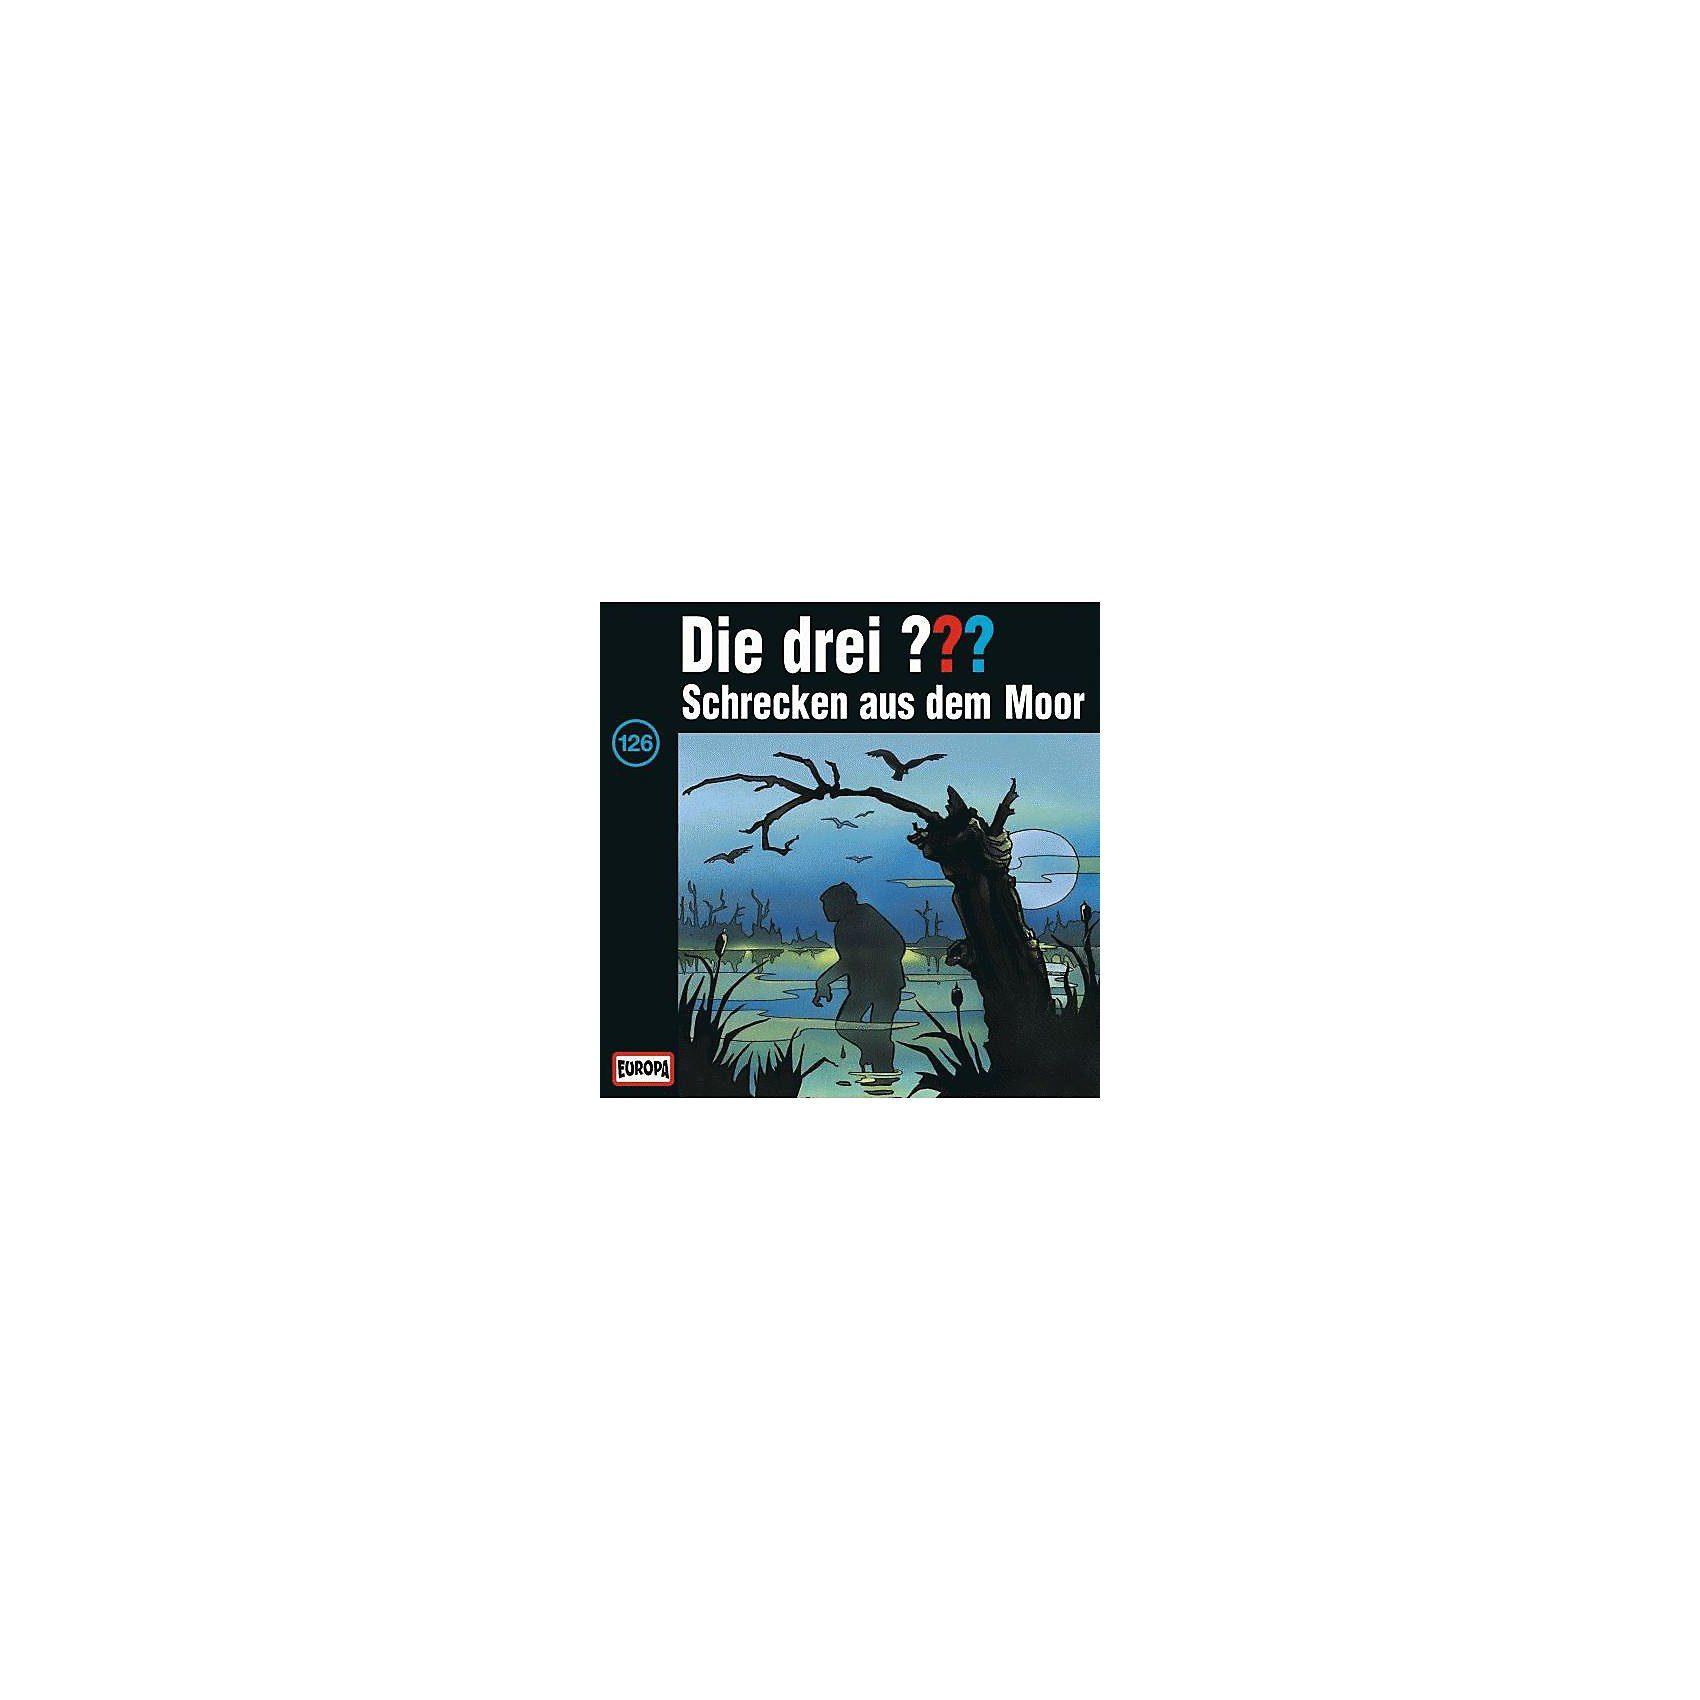 SONY BMG MUSIC CD Die Drei ??? 126 Schrecken aus dem Moor